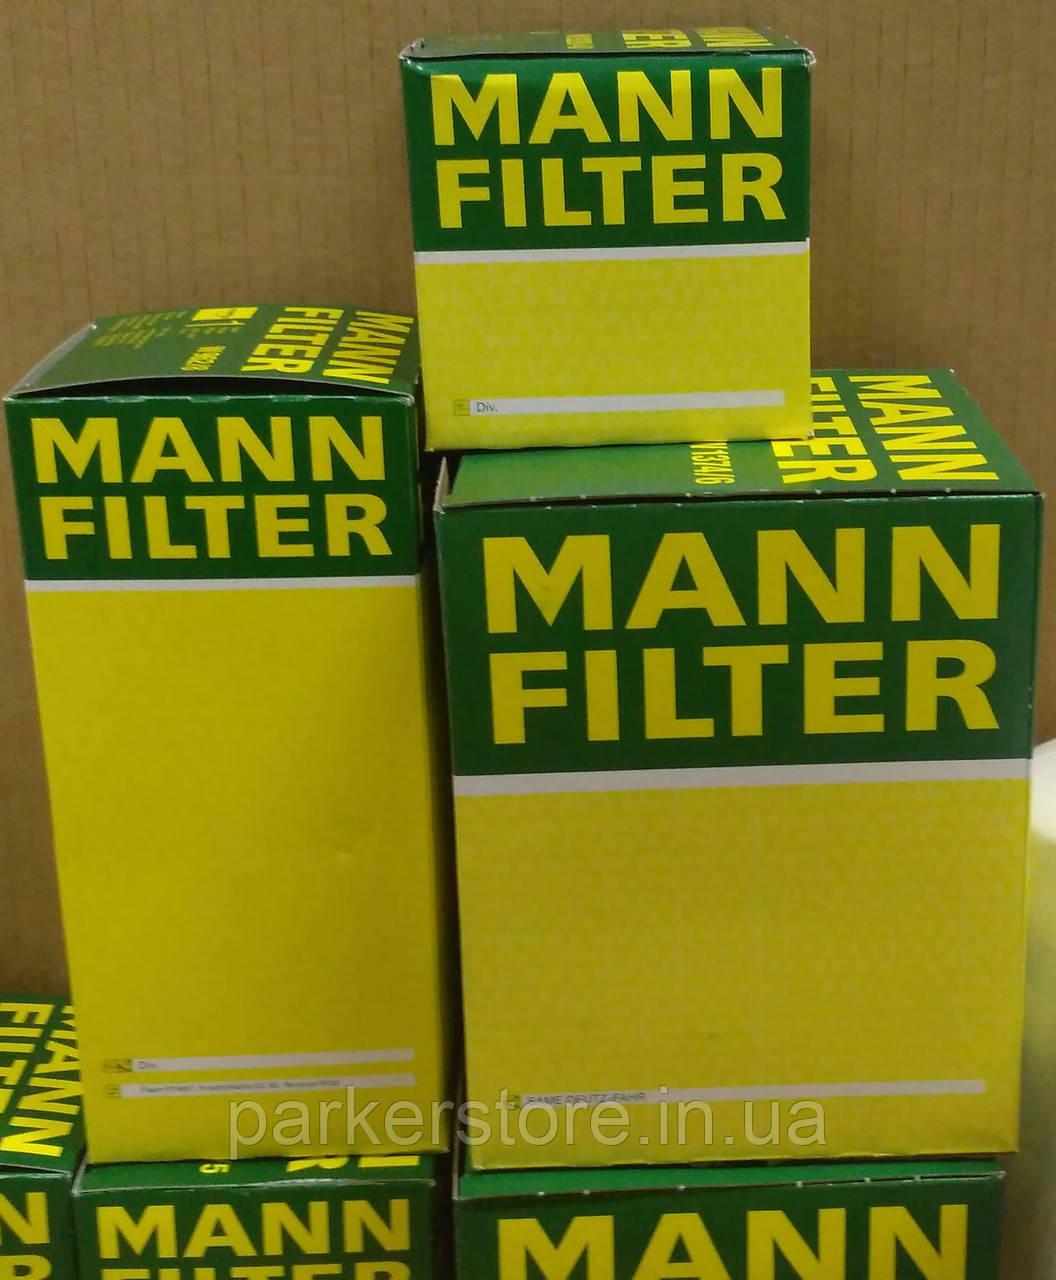 MANN FILTER / Воздушный фильтр / C 34 100 / C34100